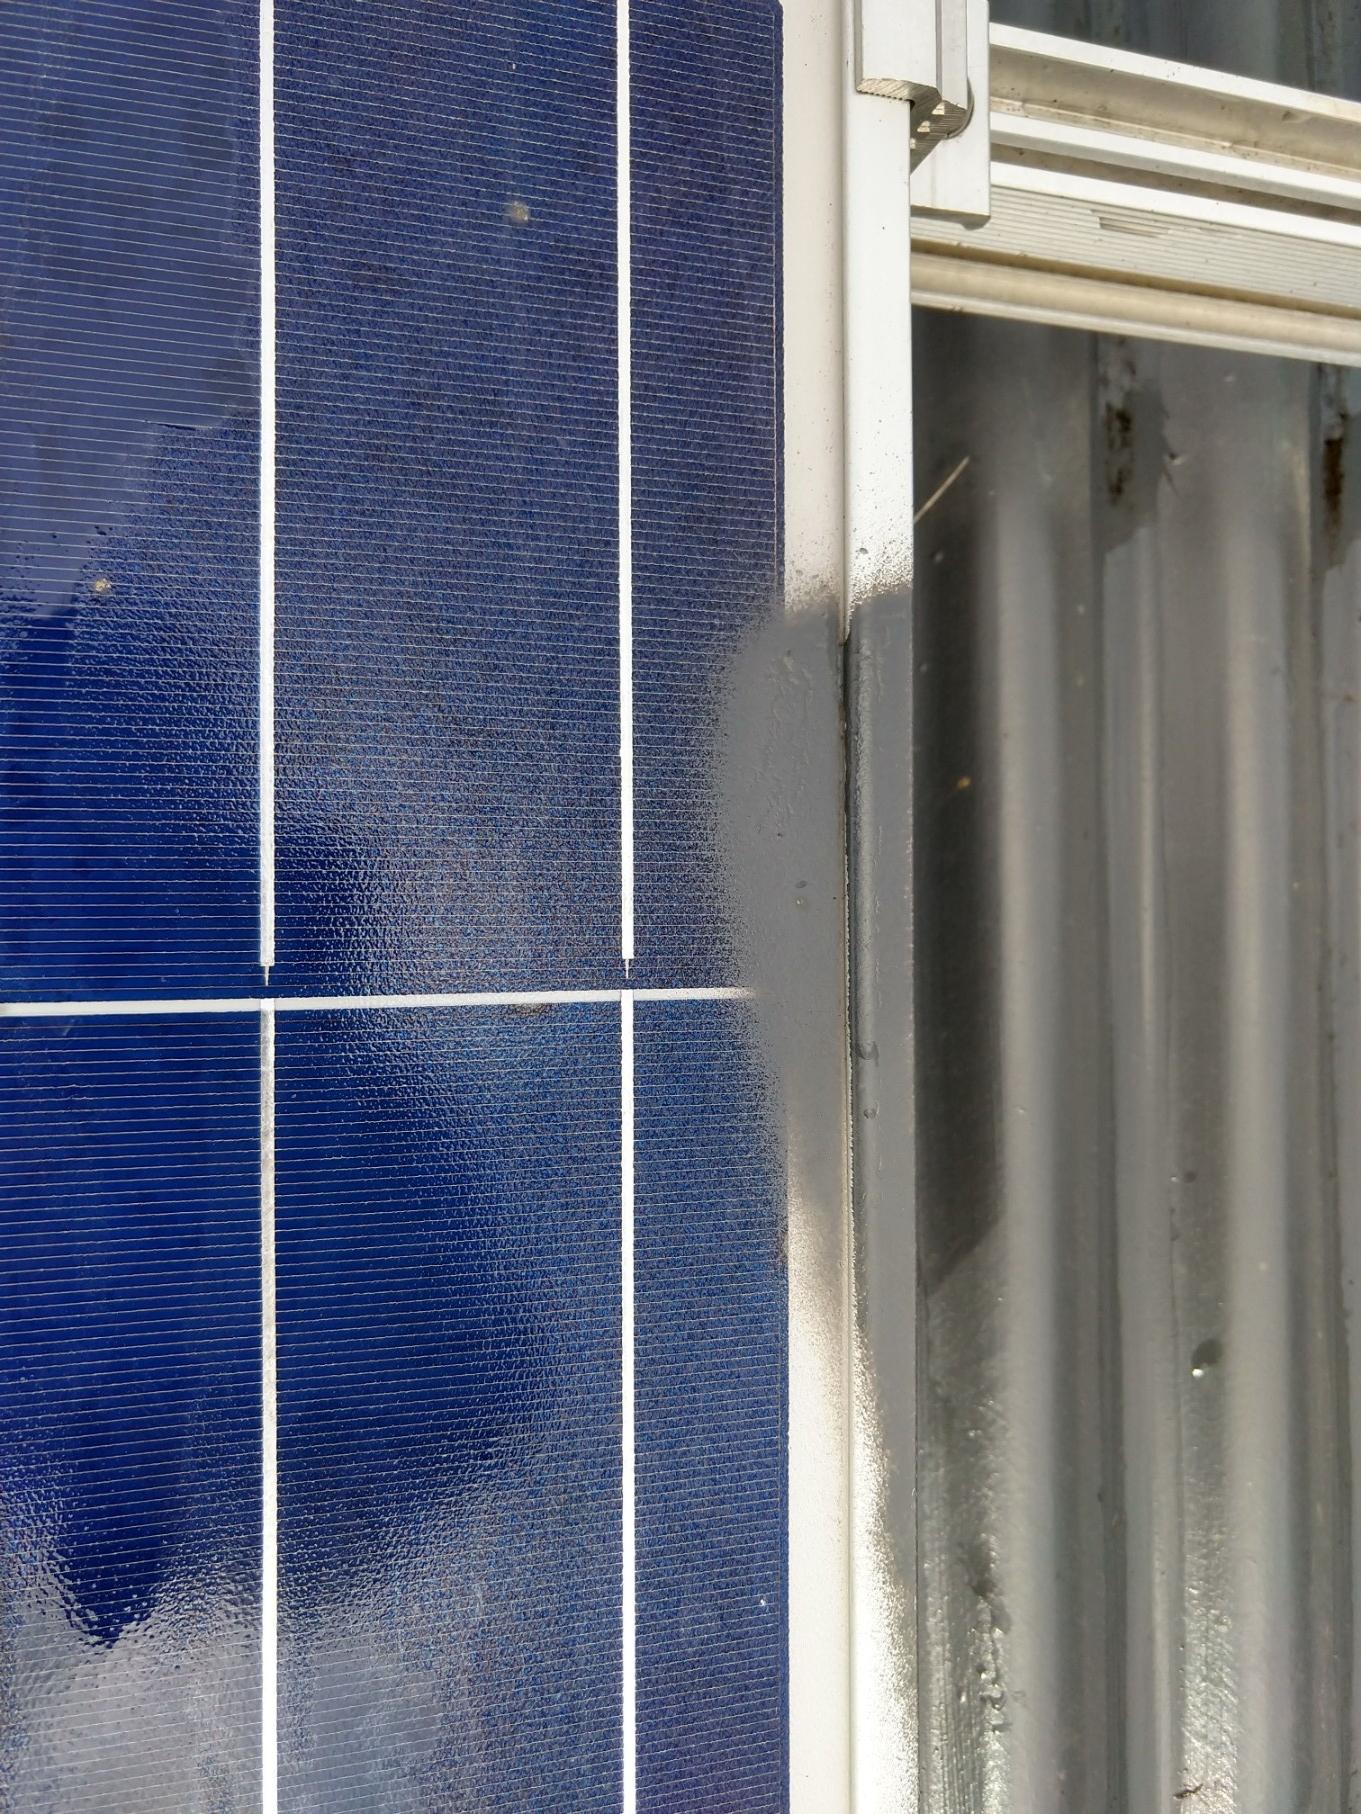 Paint on Solar Panel